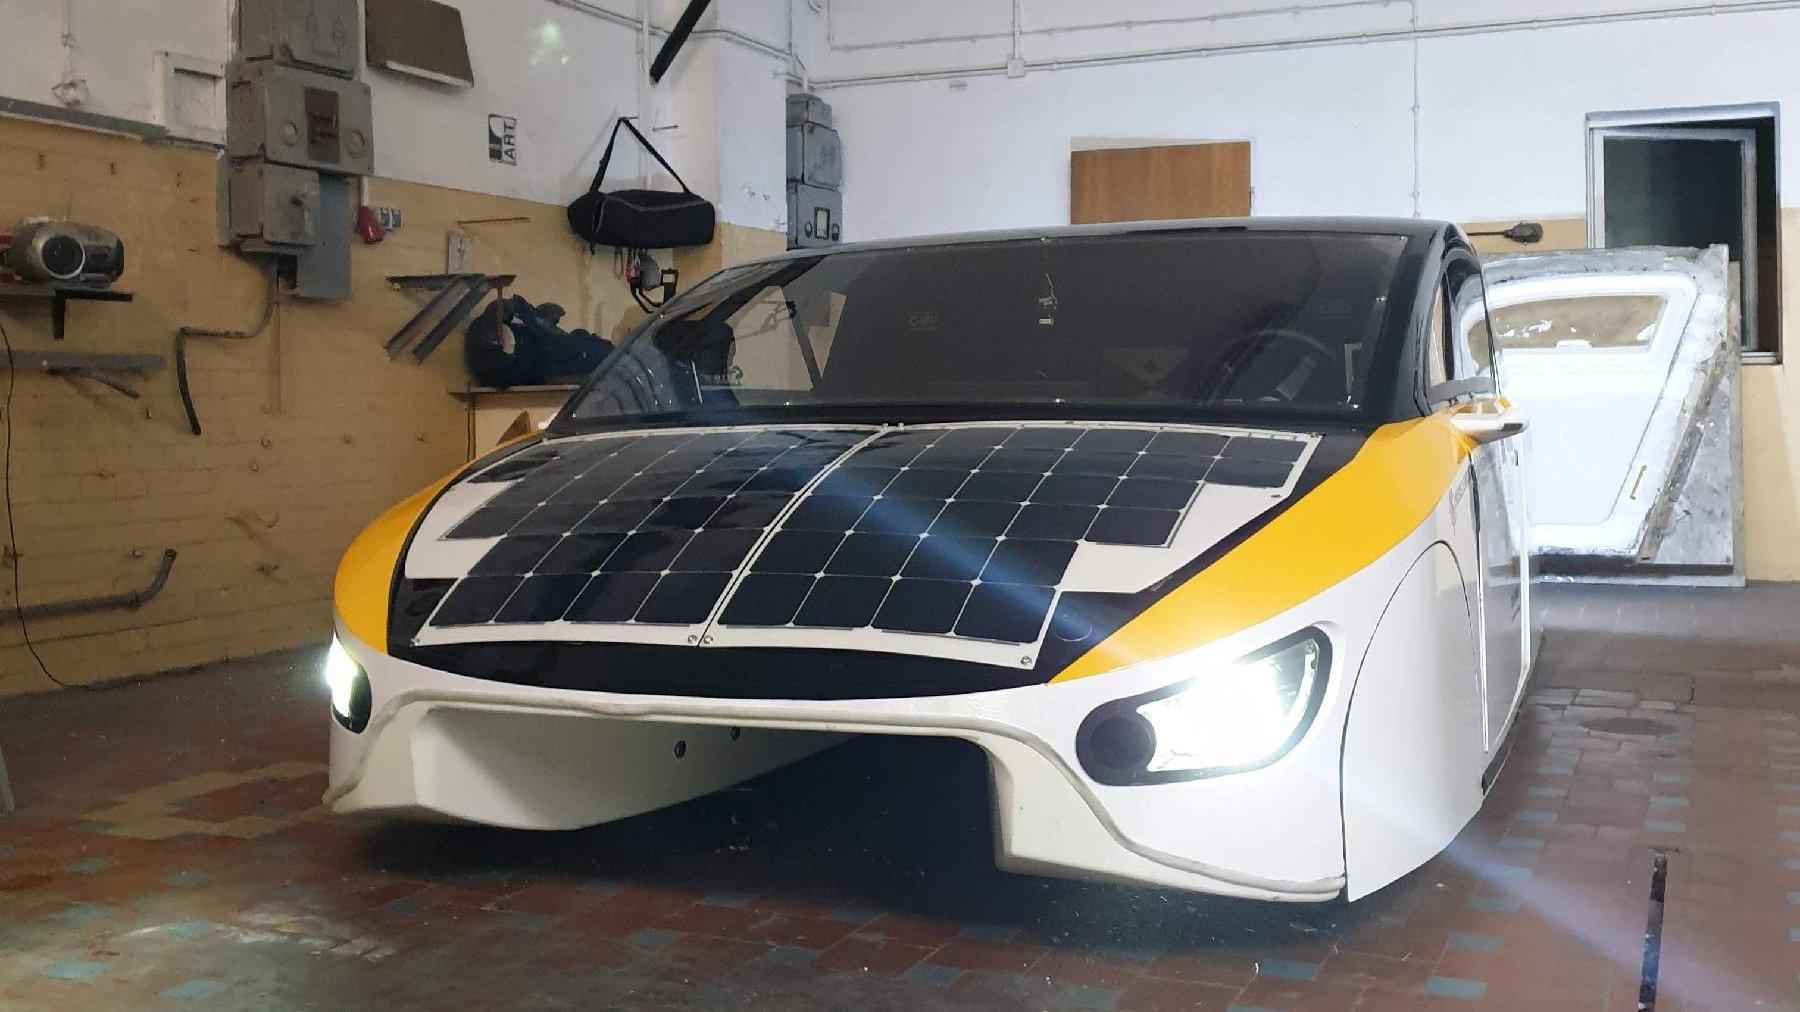 Na zdjęciu samochód z panelalmi fotowoltaicznymi zaparkowany w garażu. - grafika artykułu